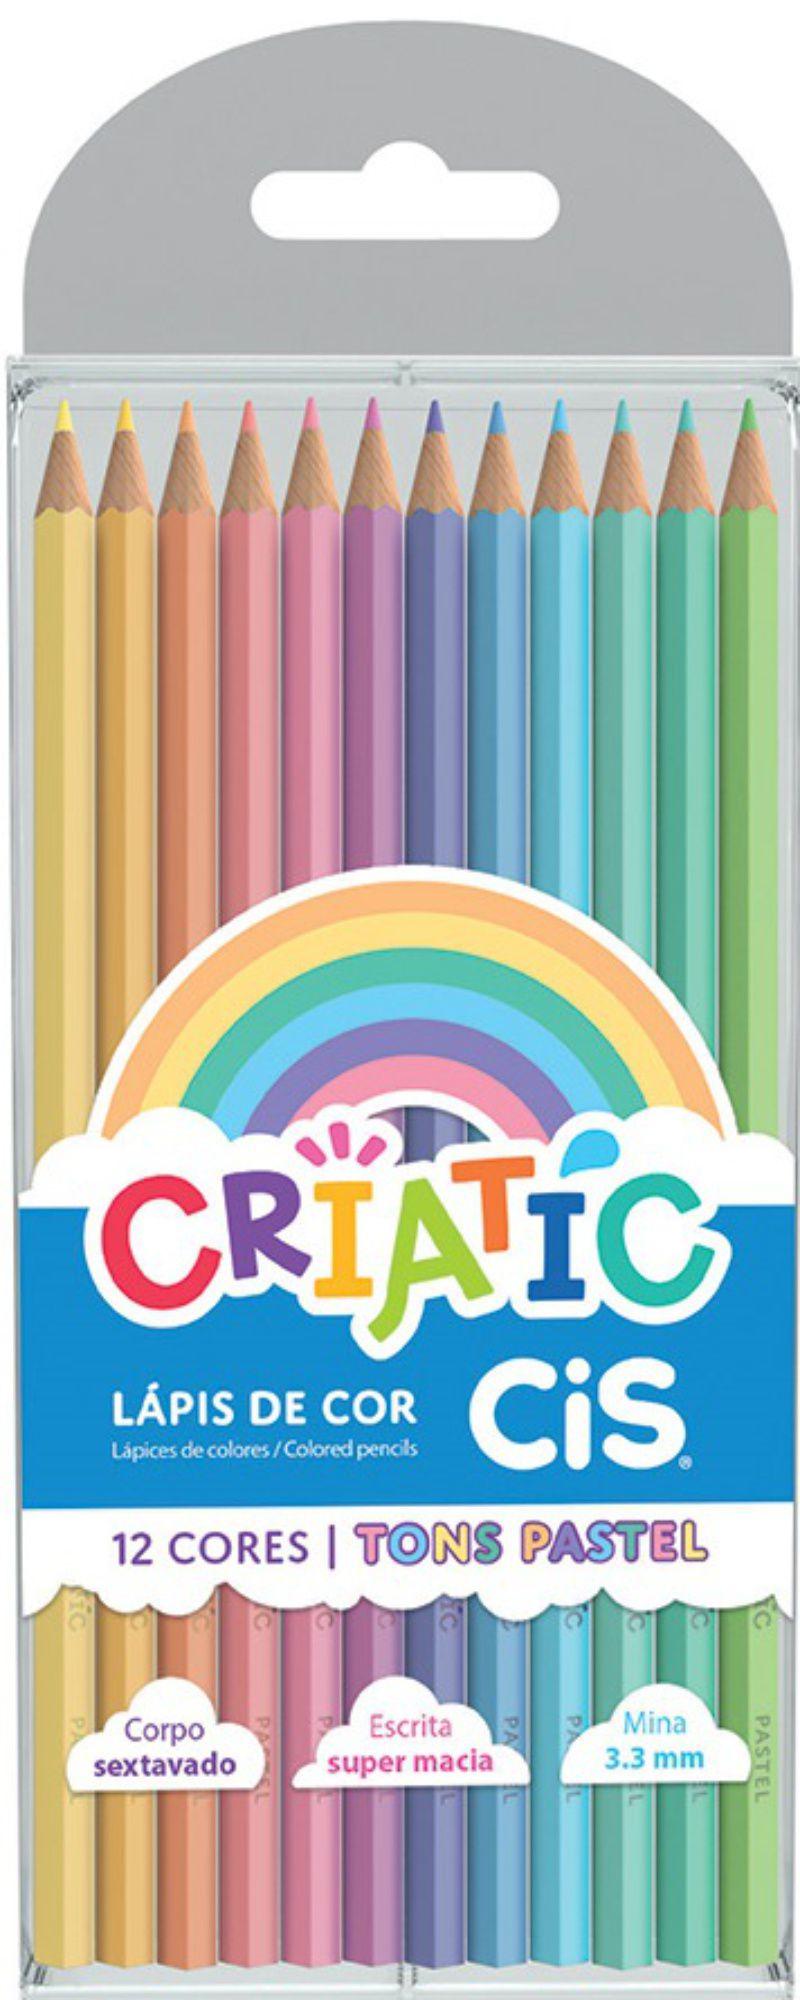 Lápis De Cor Pastel Criatic Cis 12 Cores